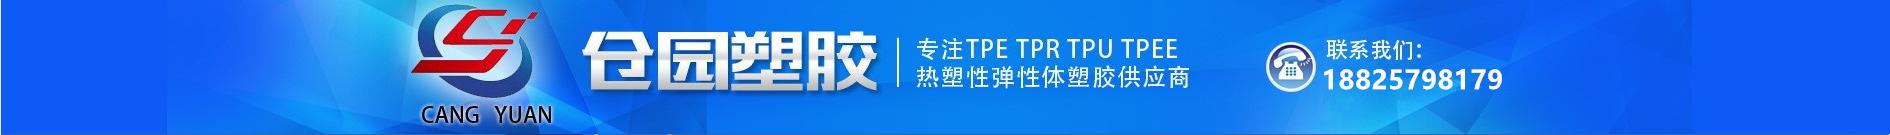 東莞市倉園塑膠原料有限公司